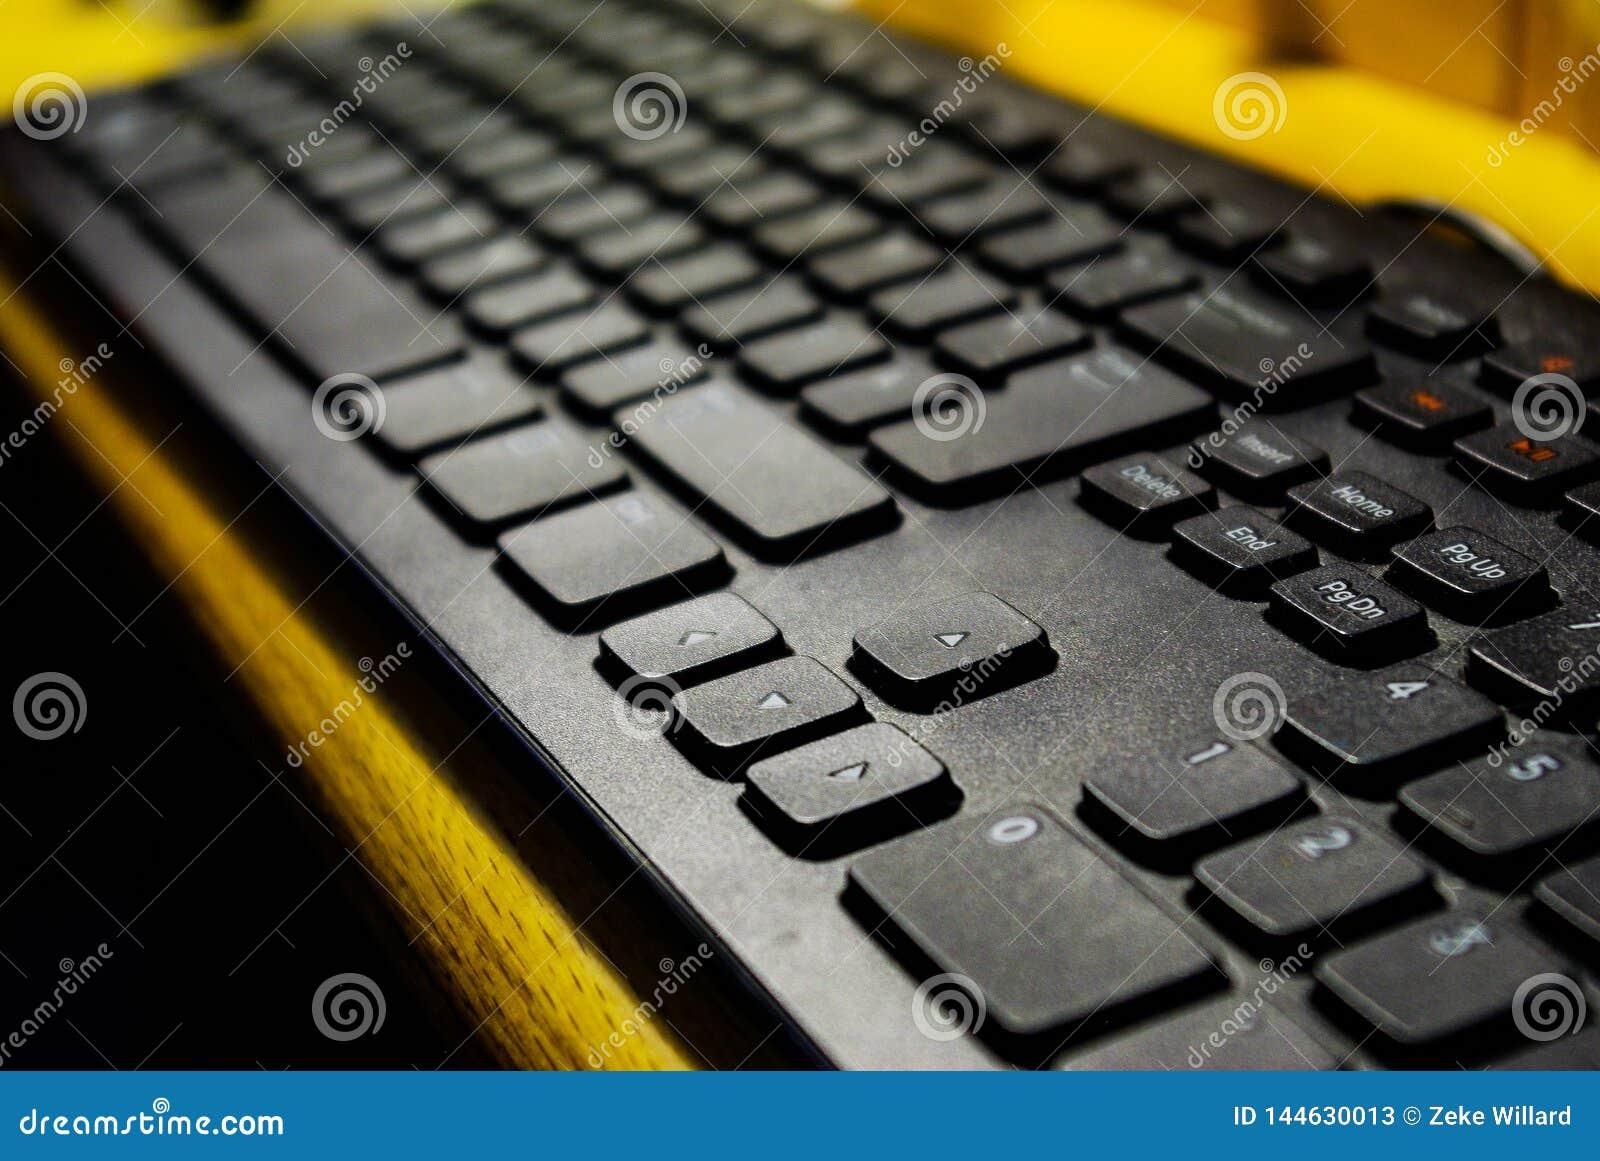 Teclado de computador ascendente próximo na mesa de madeira